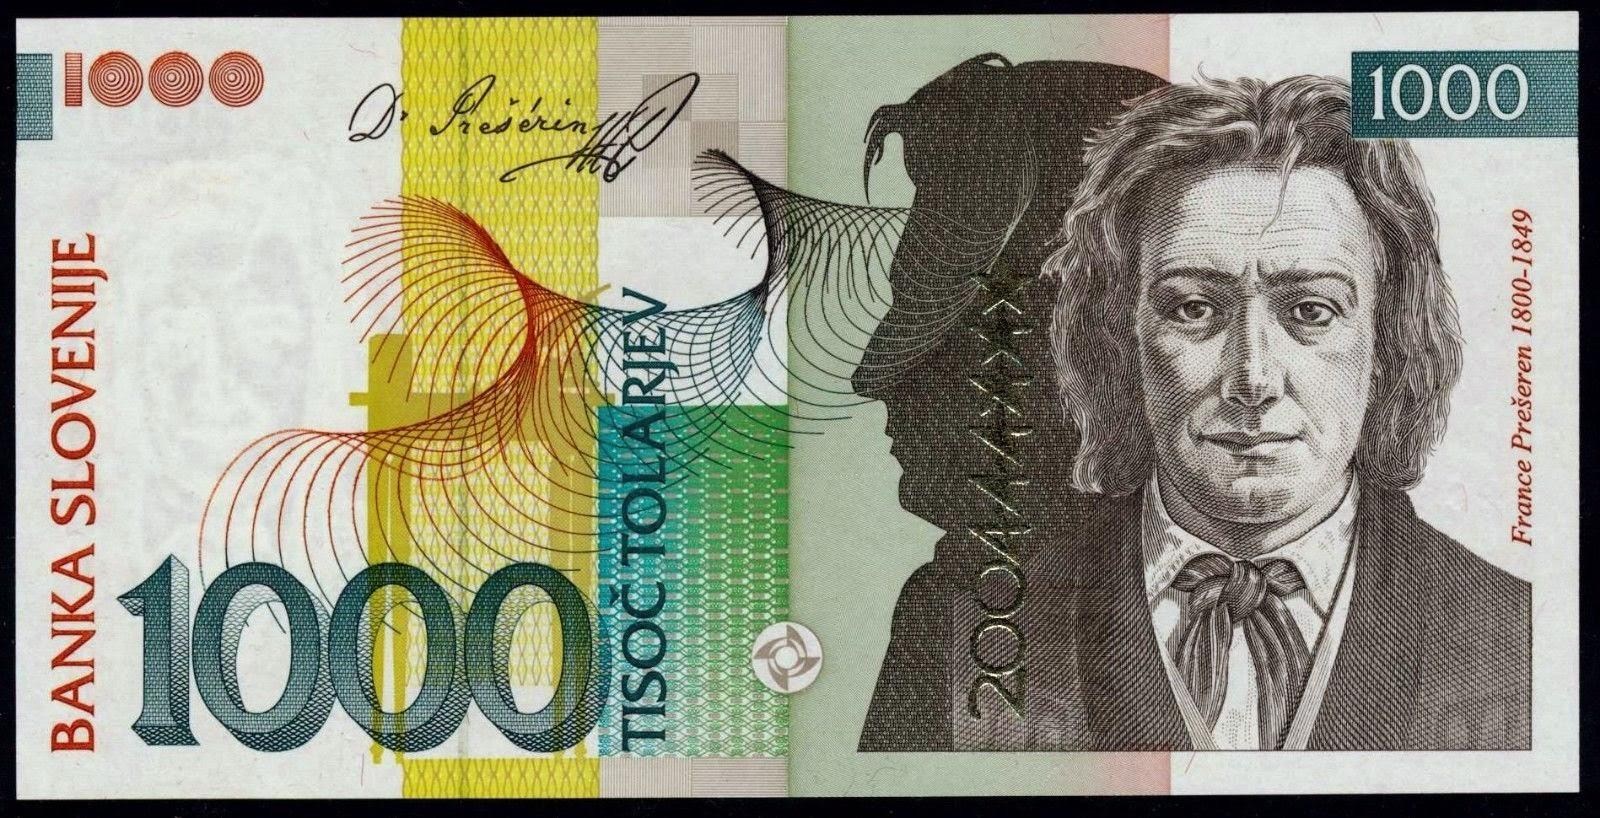 Slovenia 1000 tolarjev